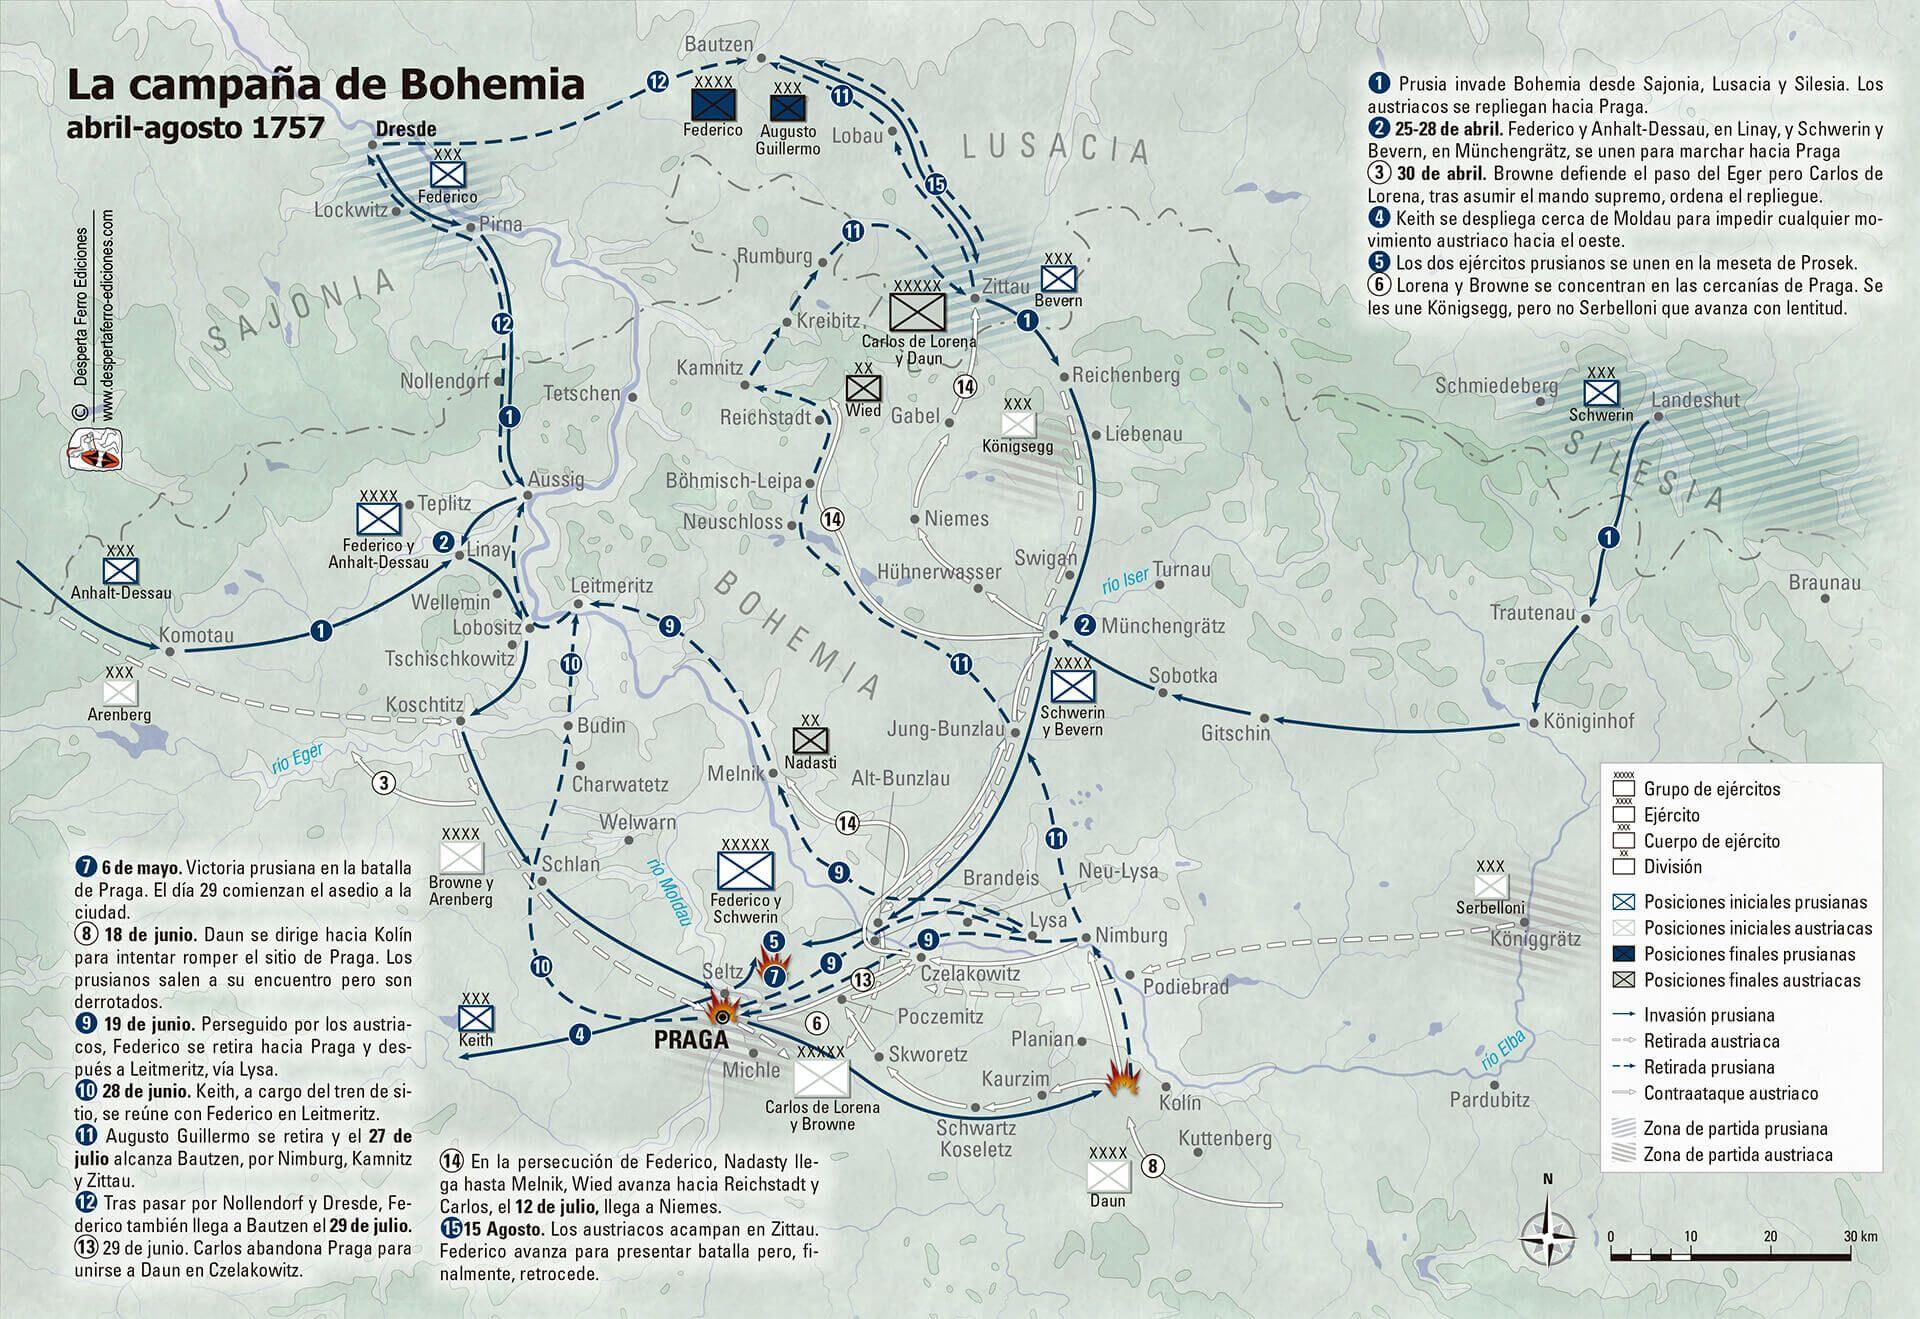 Mapa campaña de Bohemia 1757 Federico el grande Prusia Austria